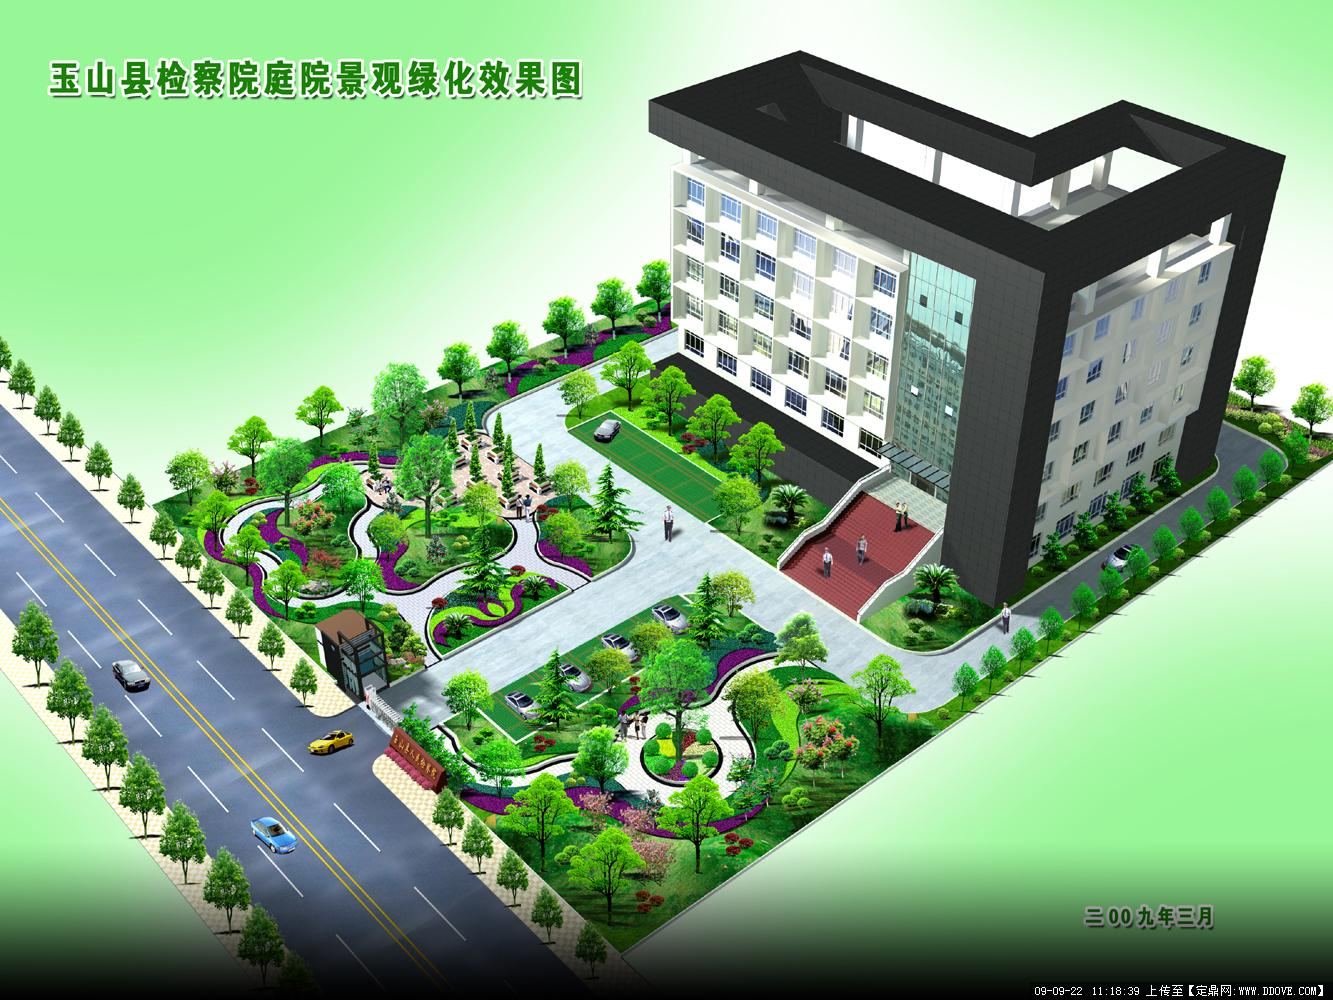 某单位办公区庭院景观绿化方案鸟瞰效果图